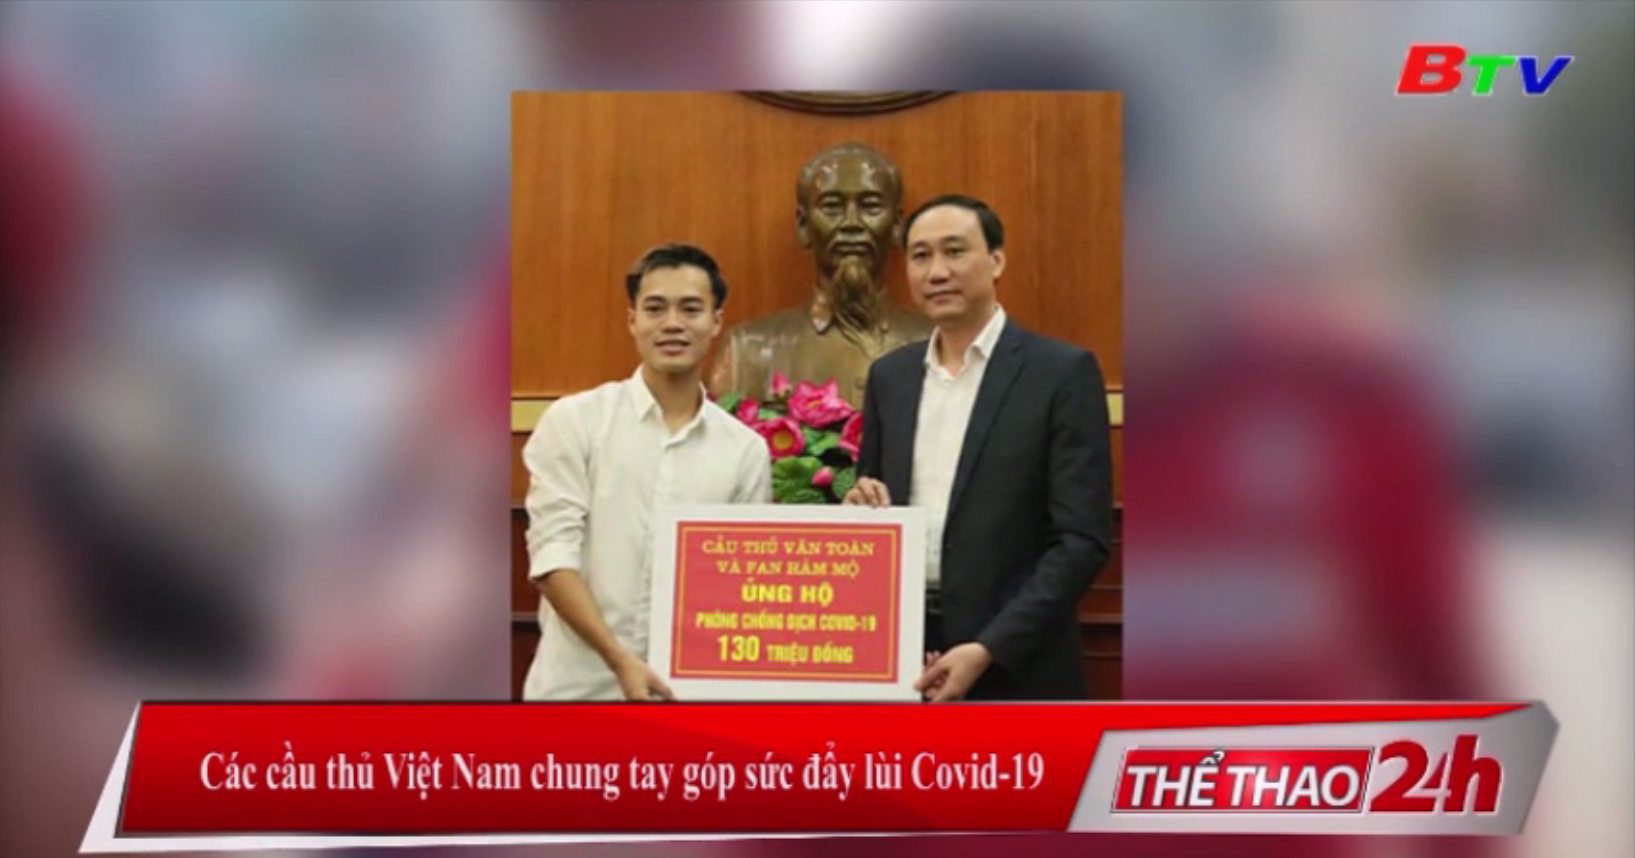 Các cầu thủ Việt Nam chung tay góp sức đẩy lùi Covid-19